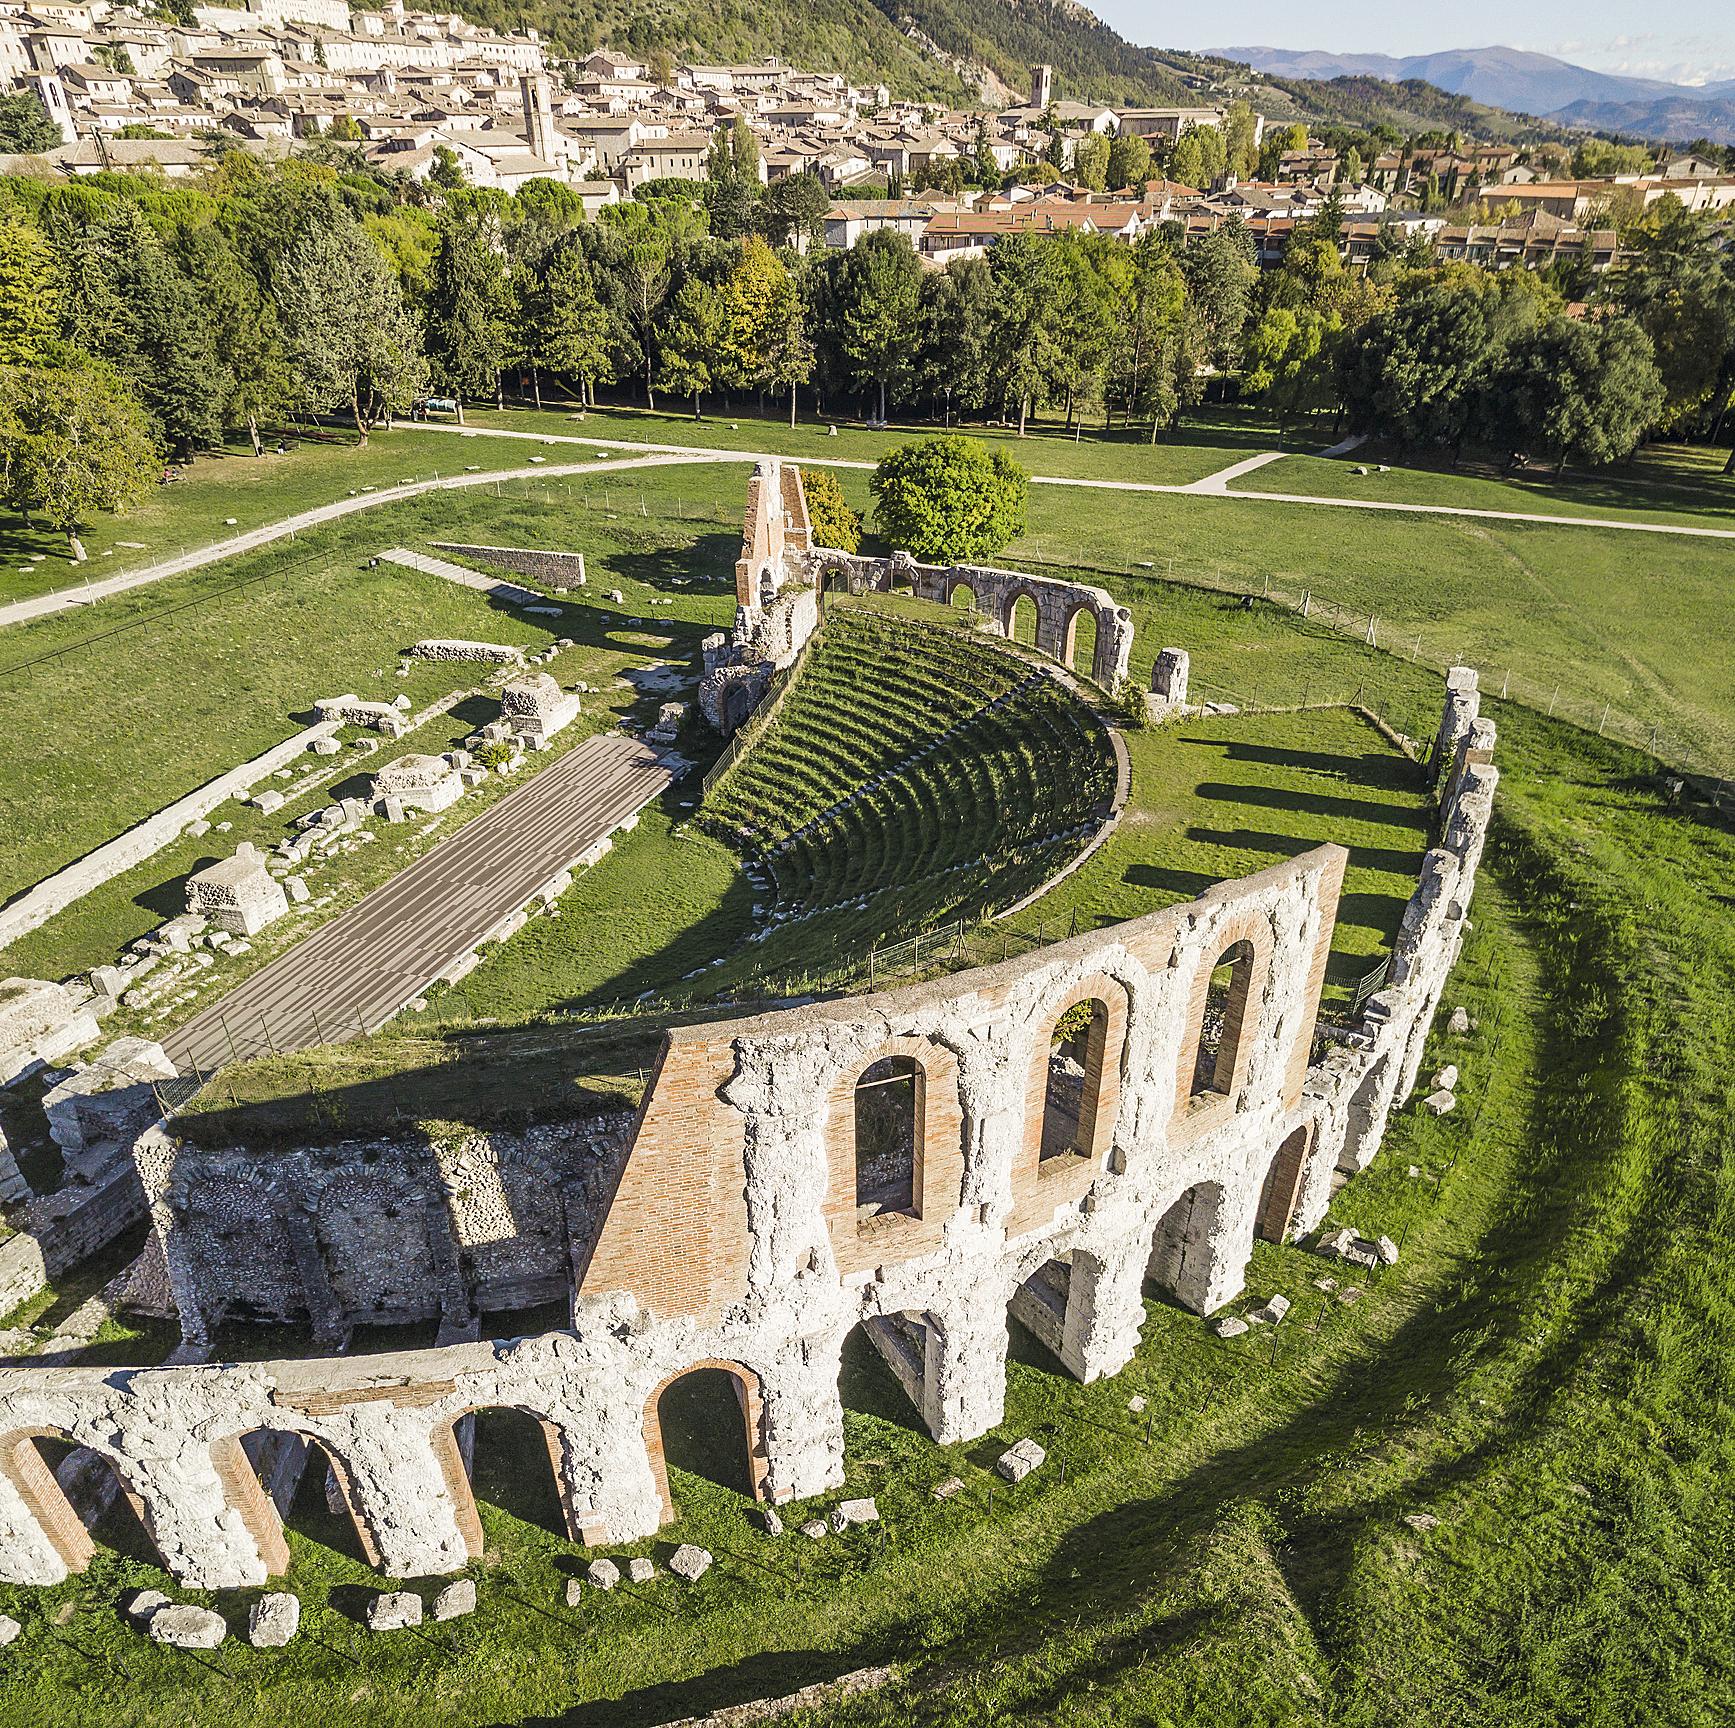 Ruínas do Anfiteatro Romano de Gubbio, Úmbria, Itália